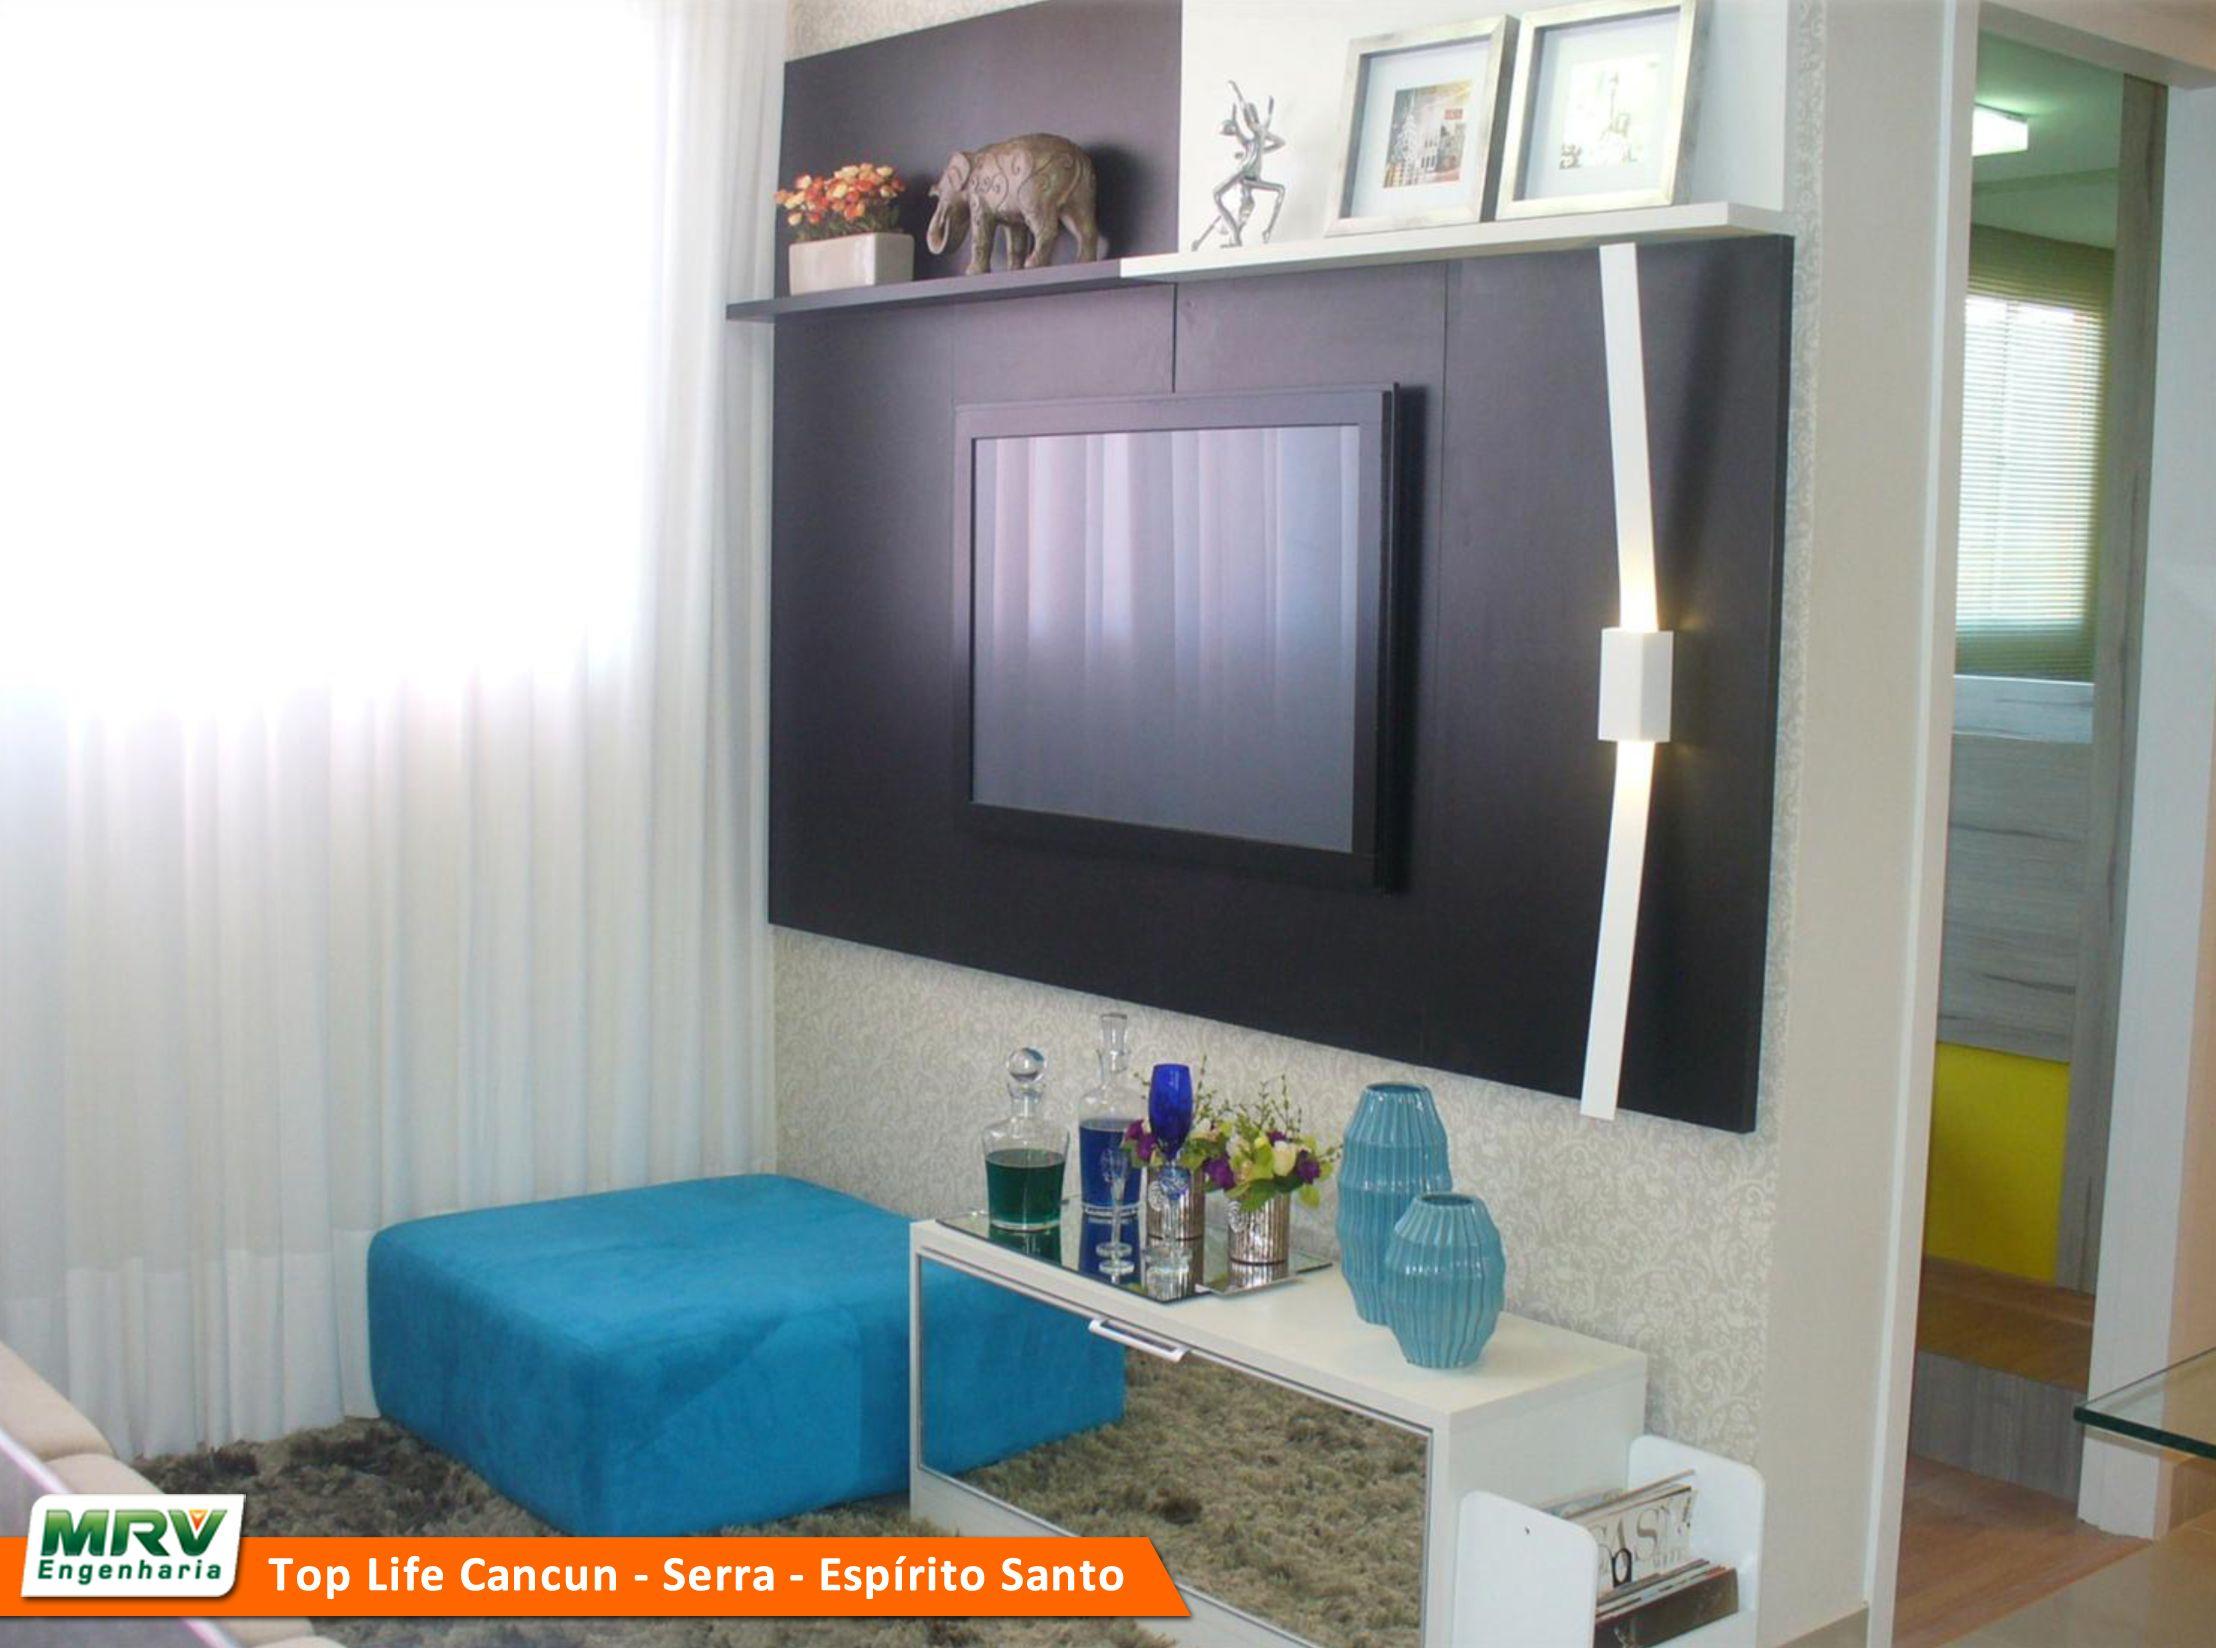 Apartamento Decorado 2 Quartos Do Top Life Cancun No Bairro Novo  -> Apartamento Mrv Decorado Fotos